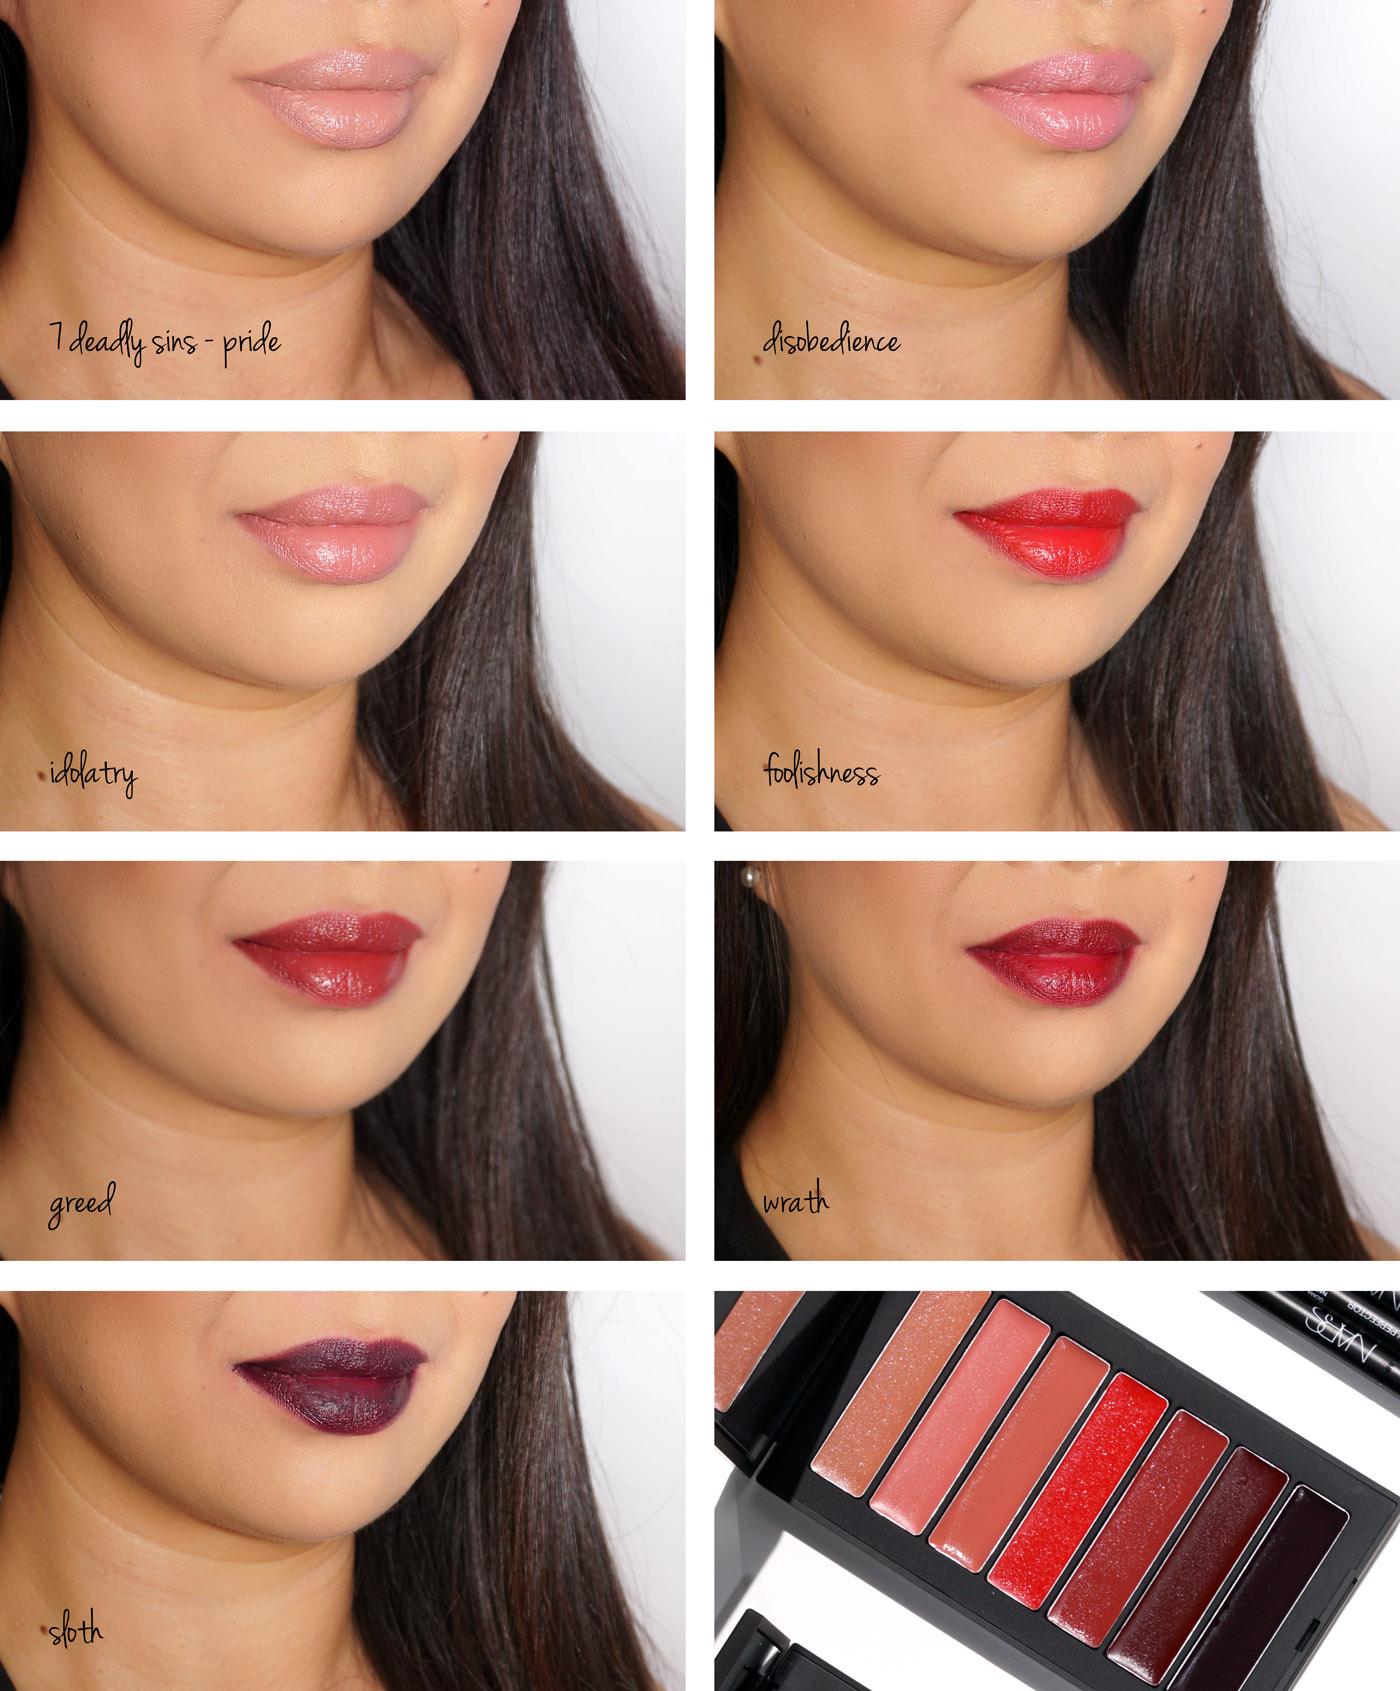 NARS 7 Deadly Sins Palette de rouge à lèvres Audacious Swatches | Le livre de beauté